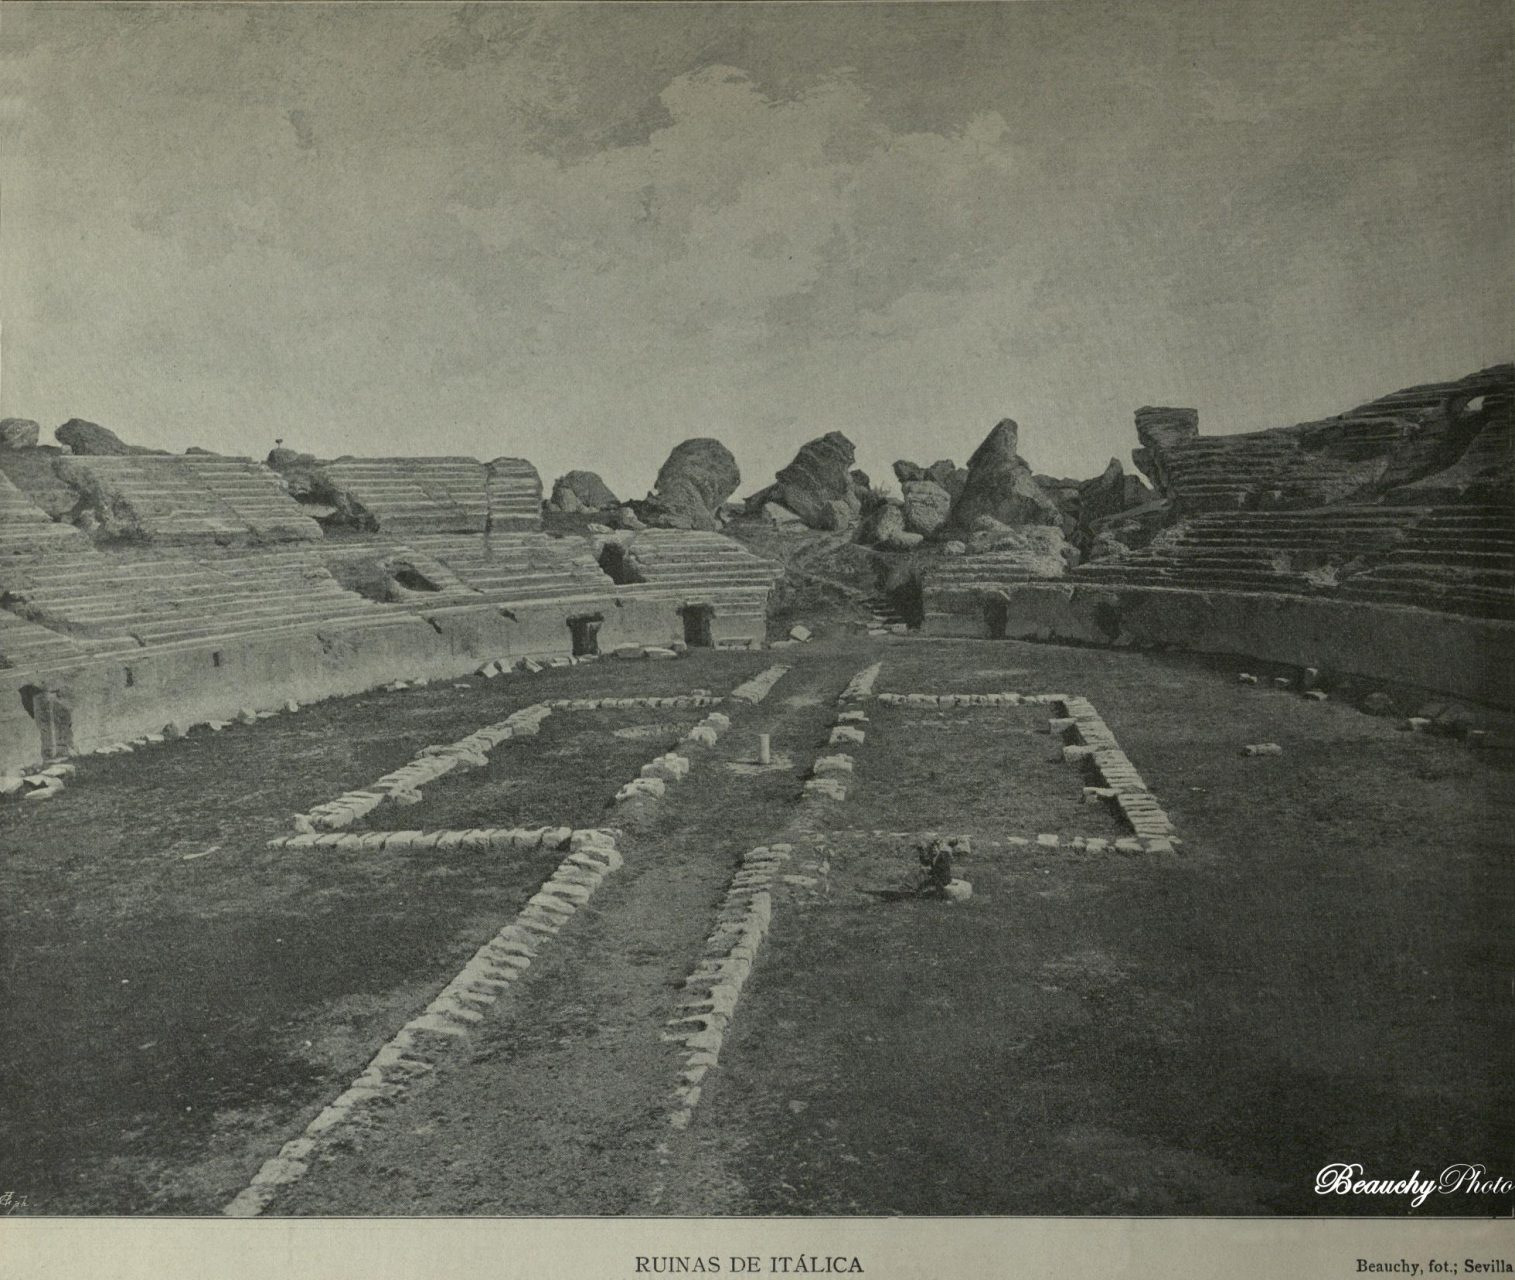 Beauchyphoto_Ruinas_de_Itálica_Anfiteatro_Emilio_Beauchy_Cano_fotografias_antiguas_postales_vistas_y_monumentos